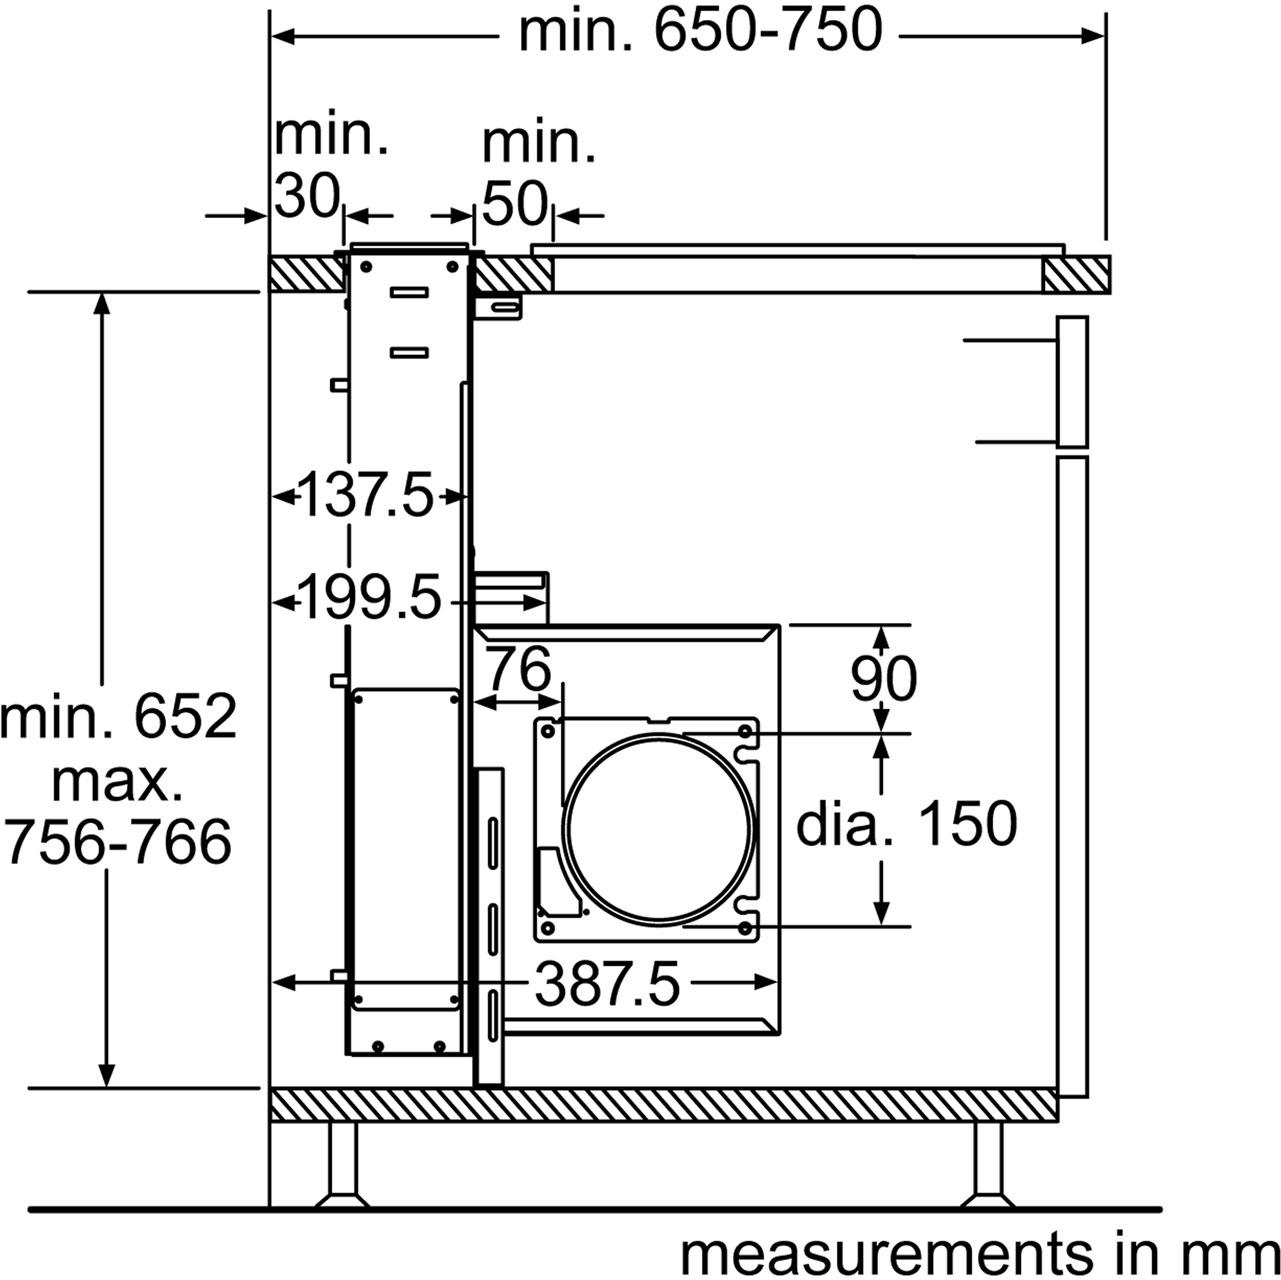 cooker wiring diagrams uk 2008 kawasaki mule 3010 diagram hood motor honda gl1000